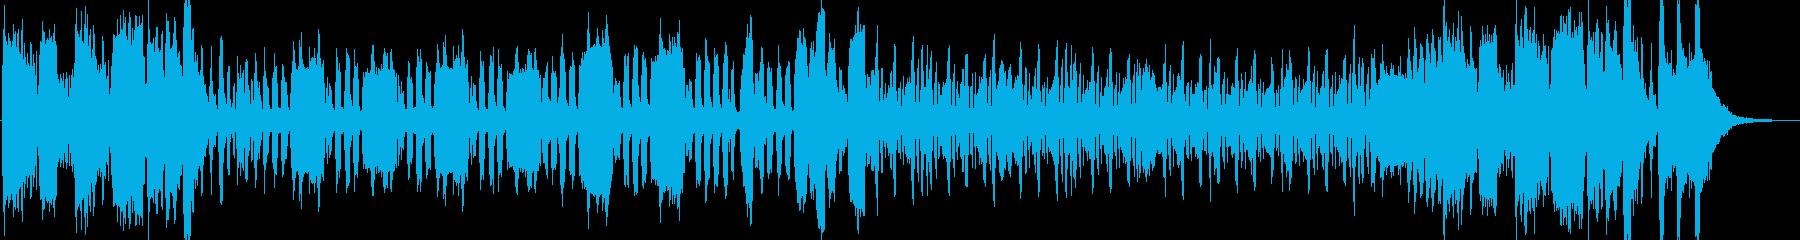 リコーダーとアコーディオンが奏でる軽快なの再生済みの波形